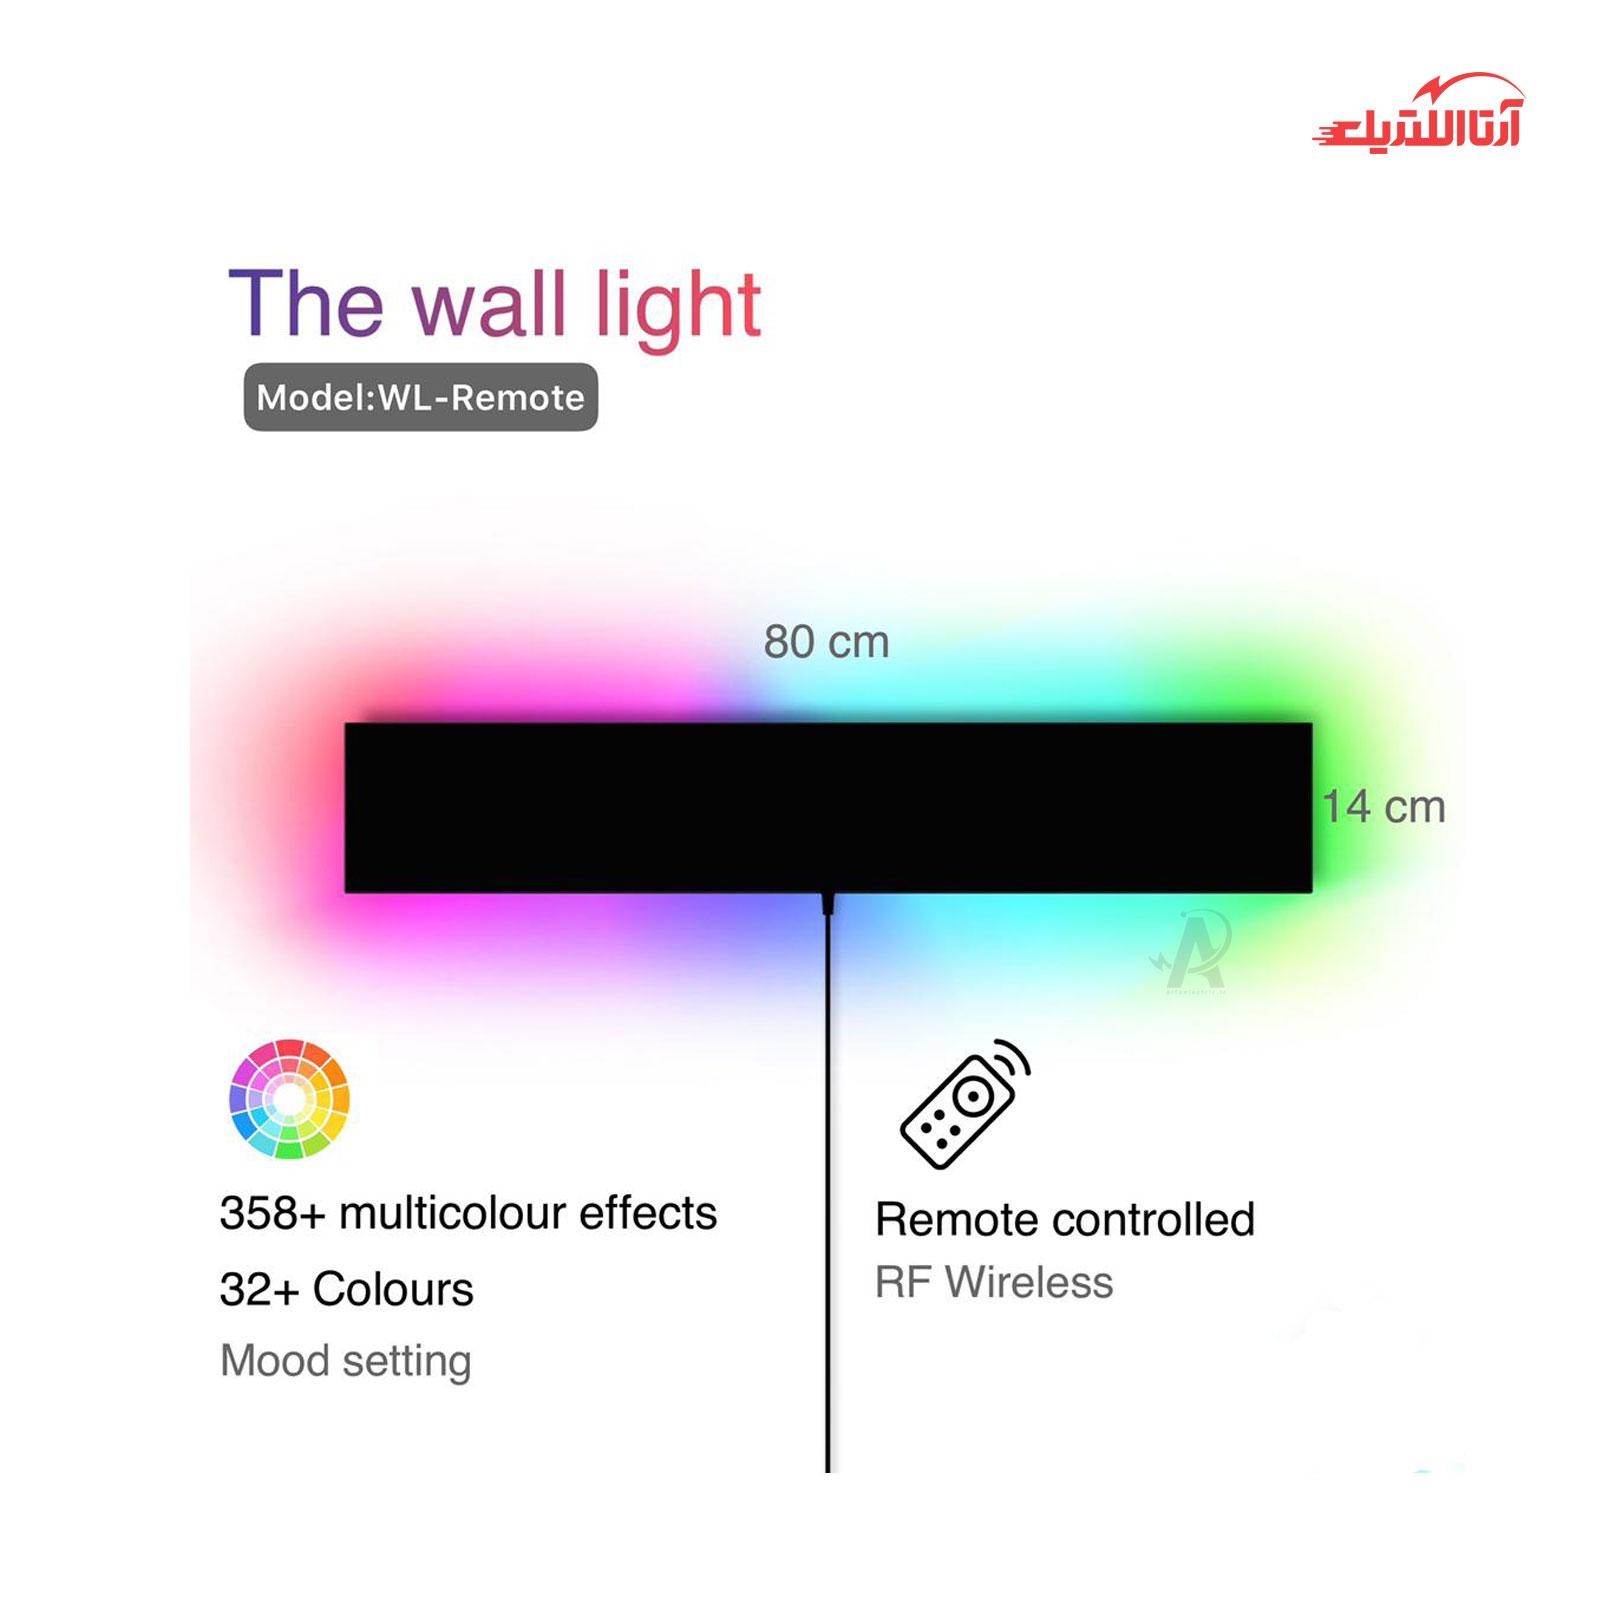 چراغ دیواری Wall light مدل ریموت کنترل WL-Remote